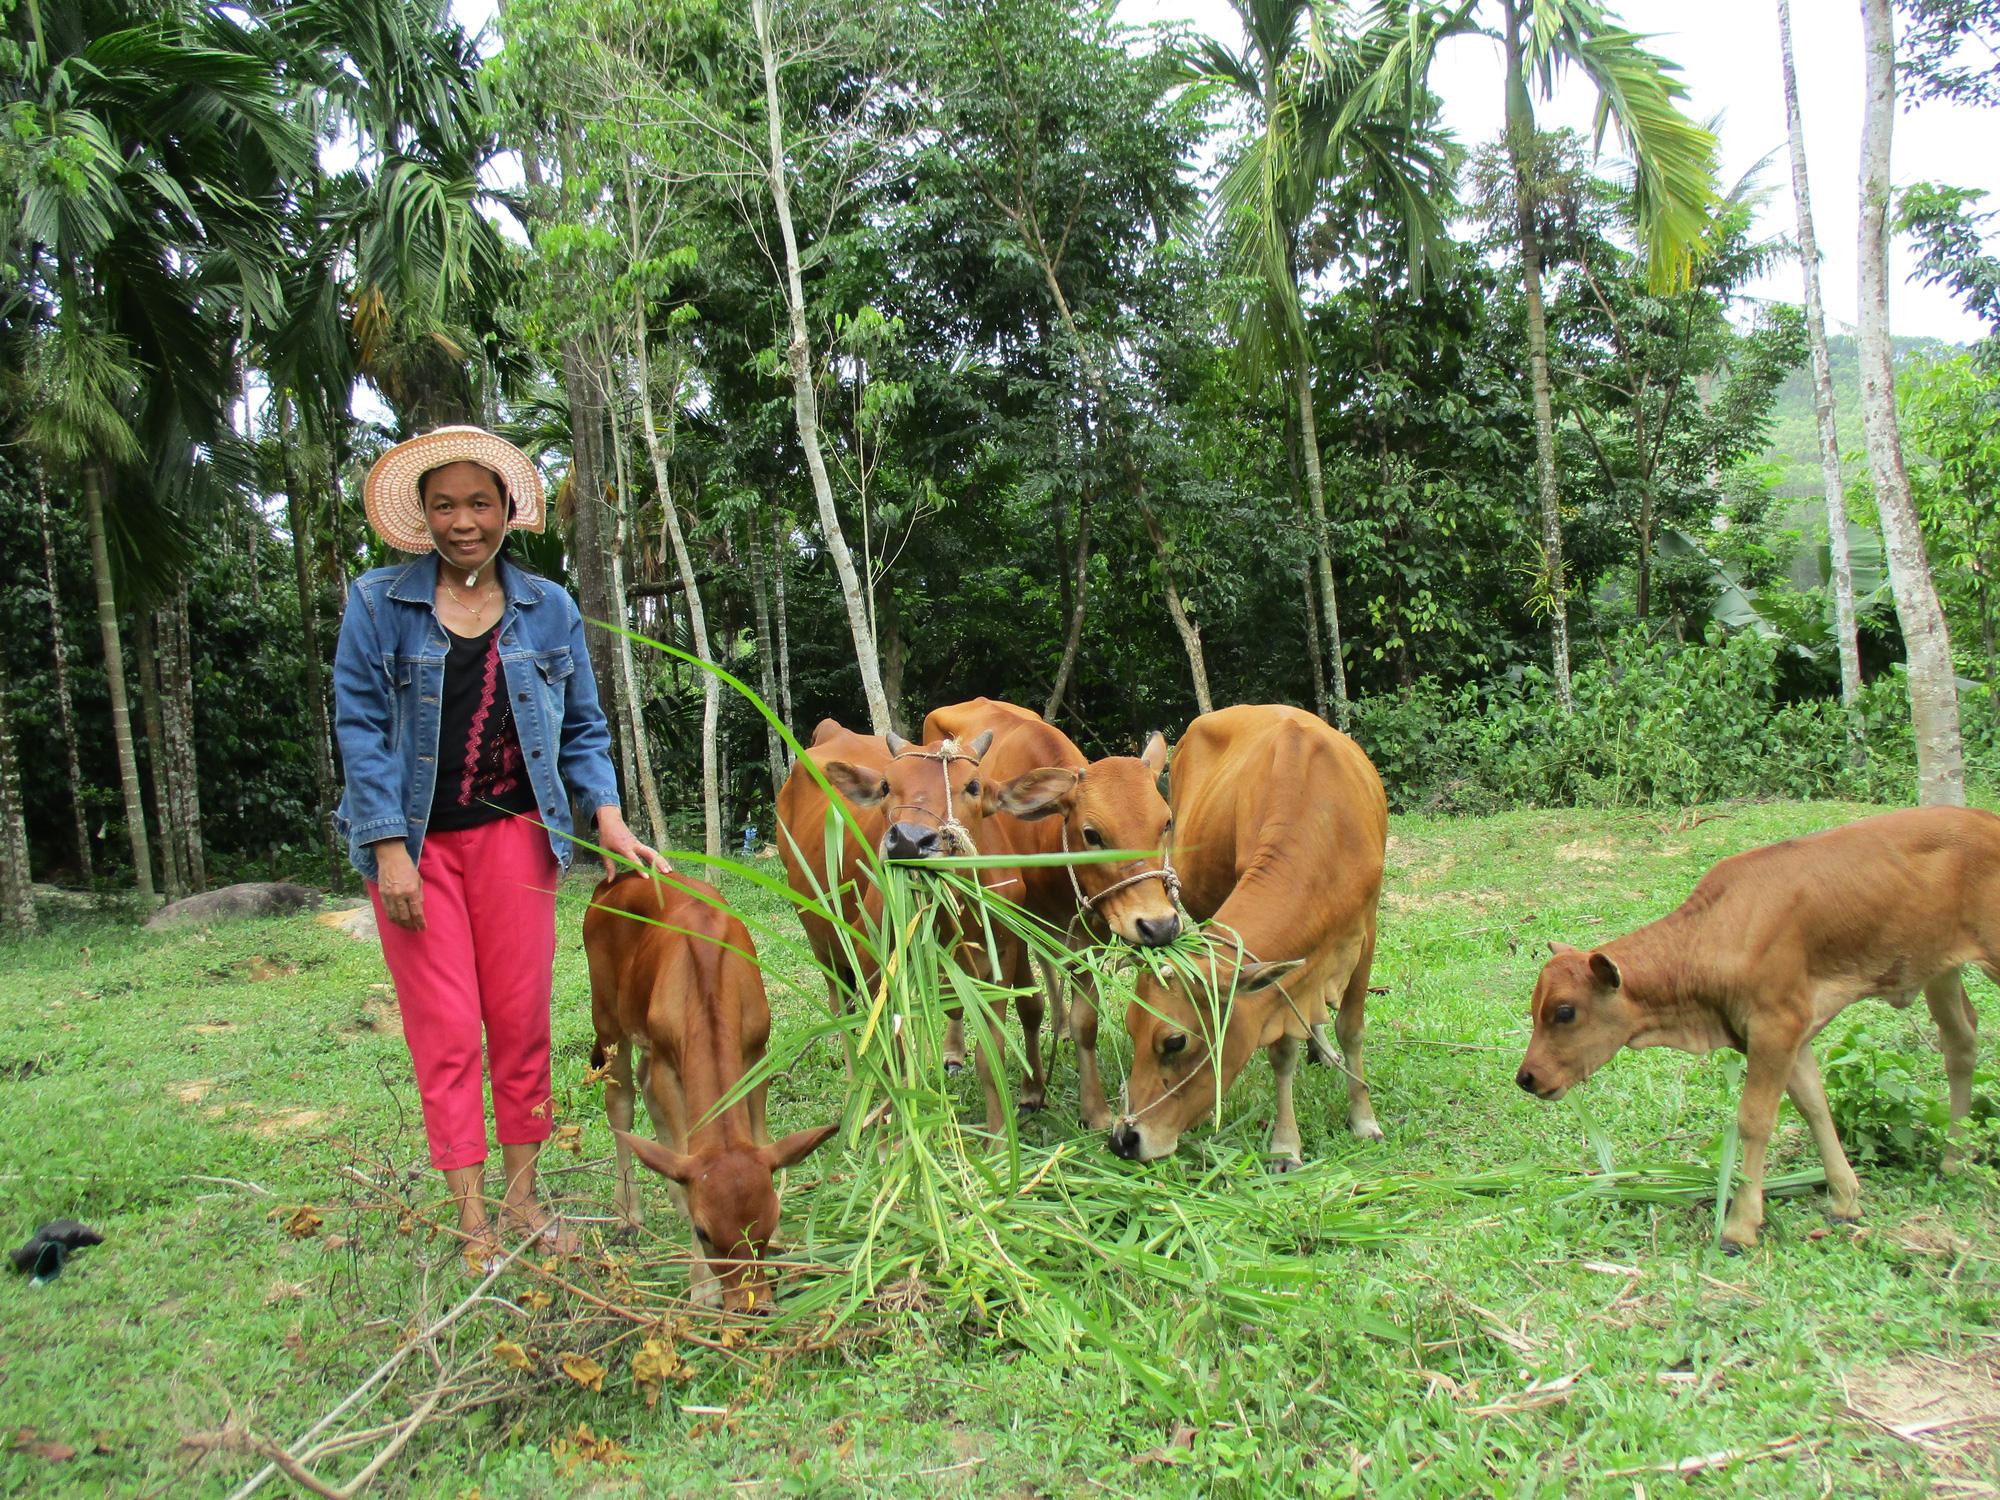 Quảng Nam: Tiên Mỹ đạt chuẩn Nông thôn mới, người dân thu nhập tăng gấp 3 lần  - Ảnh 3.